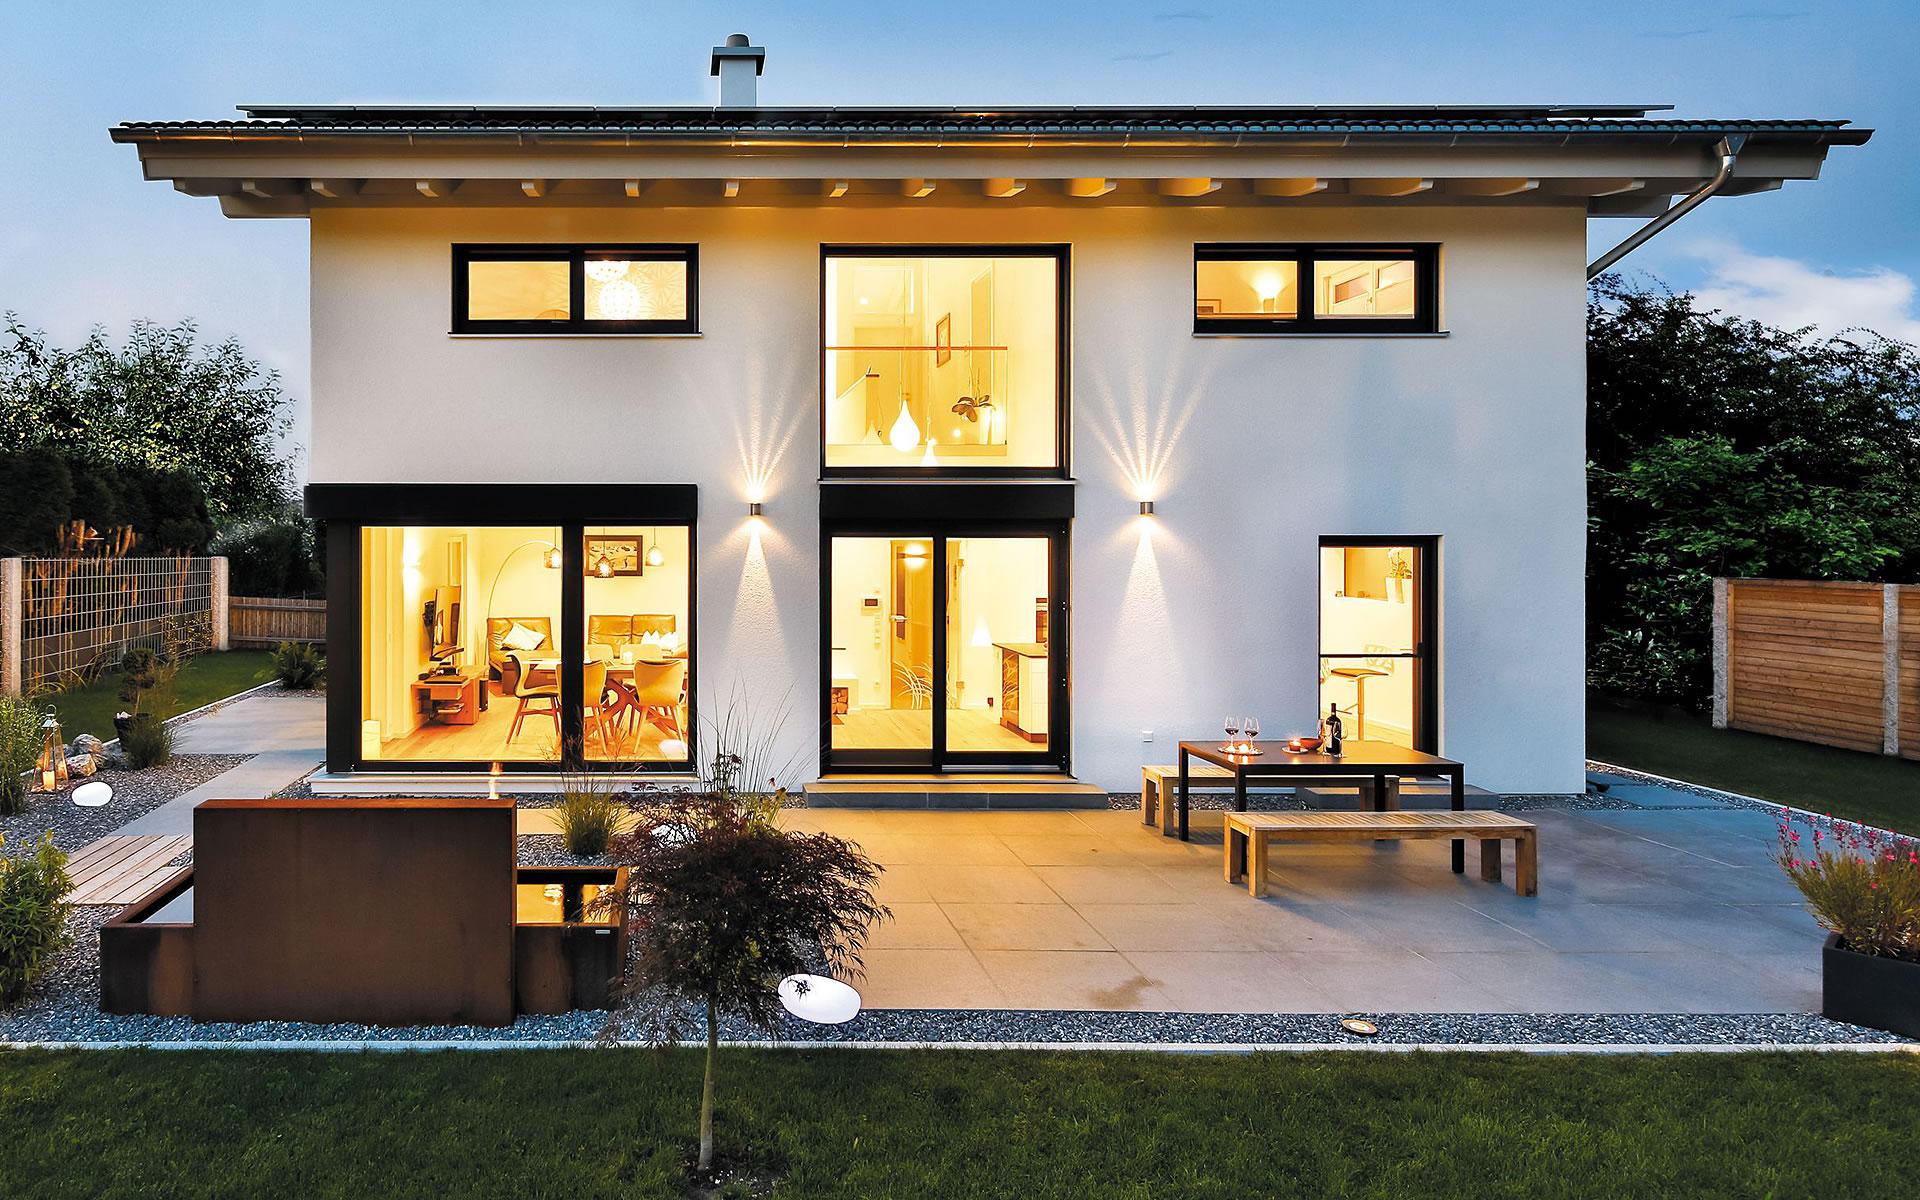 Bruckmühl von Regnauer Hausbau GmbH & Co. KG